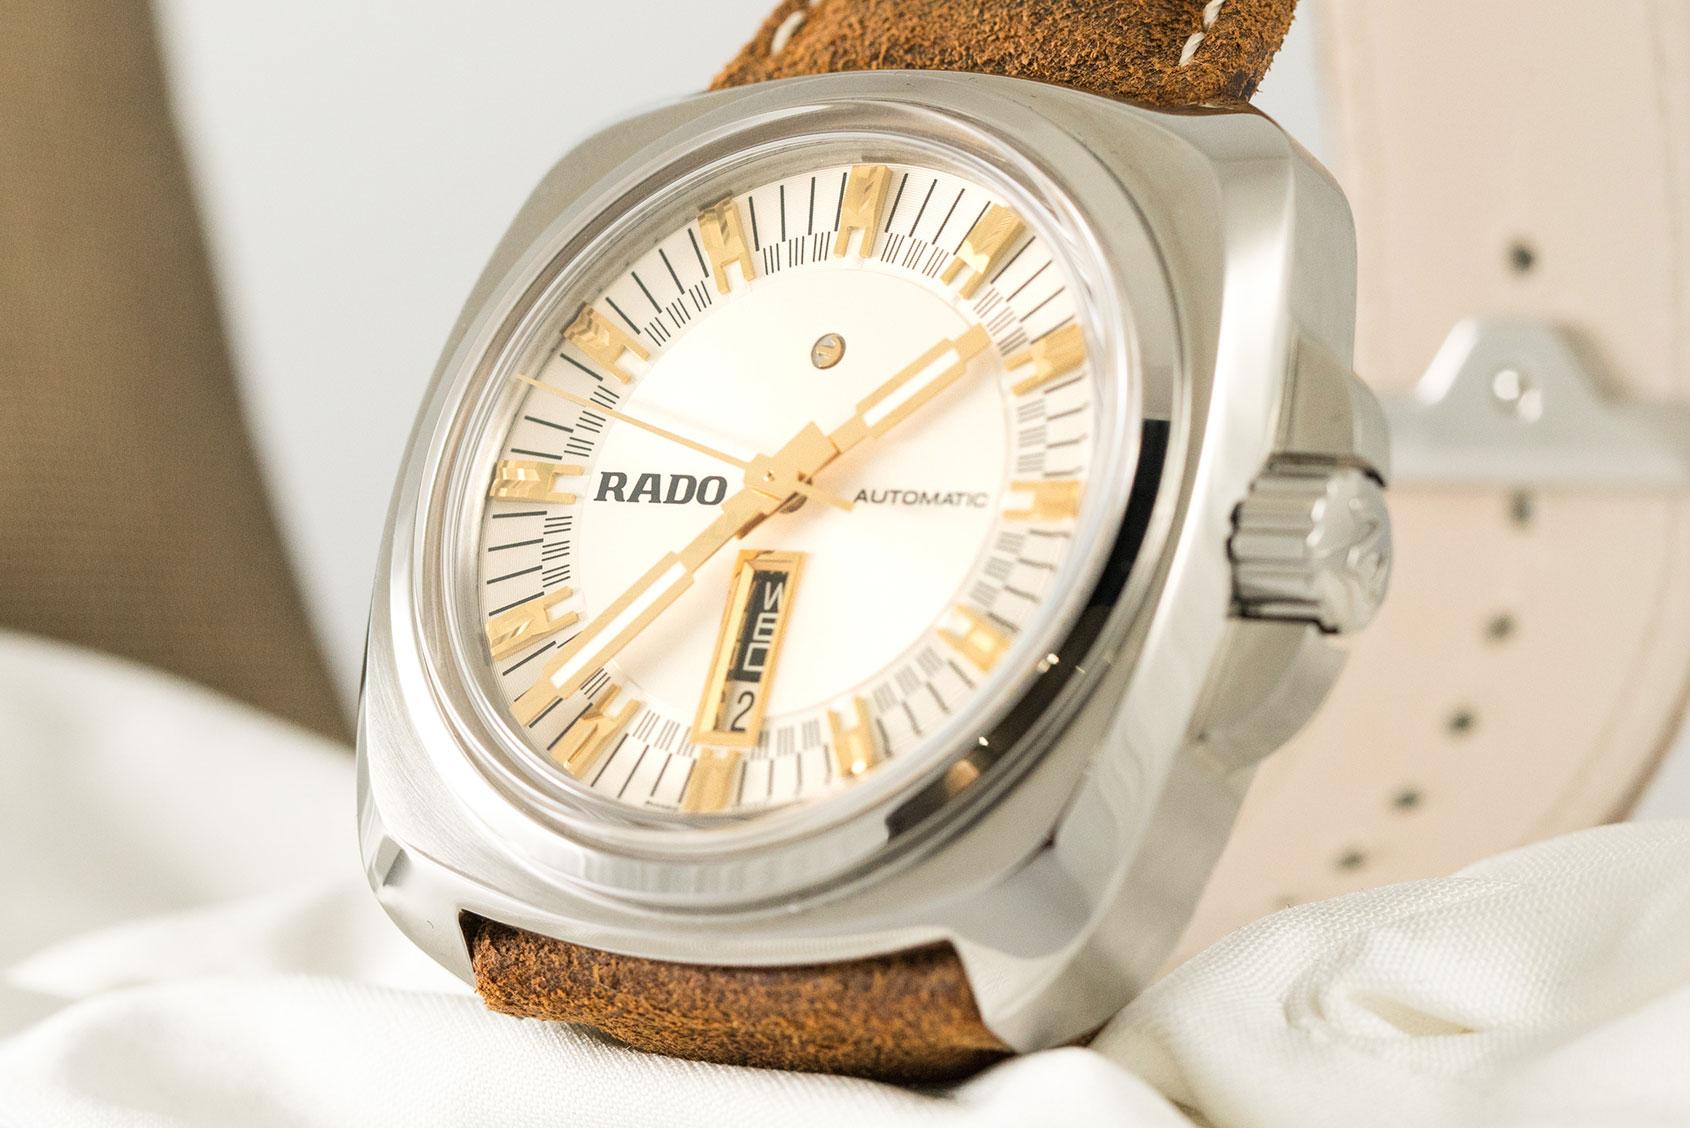 Цены на часы Rado Купить часы Rado-недорого на